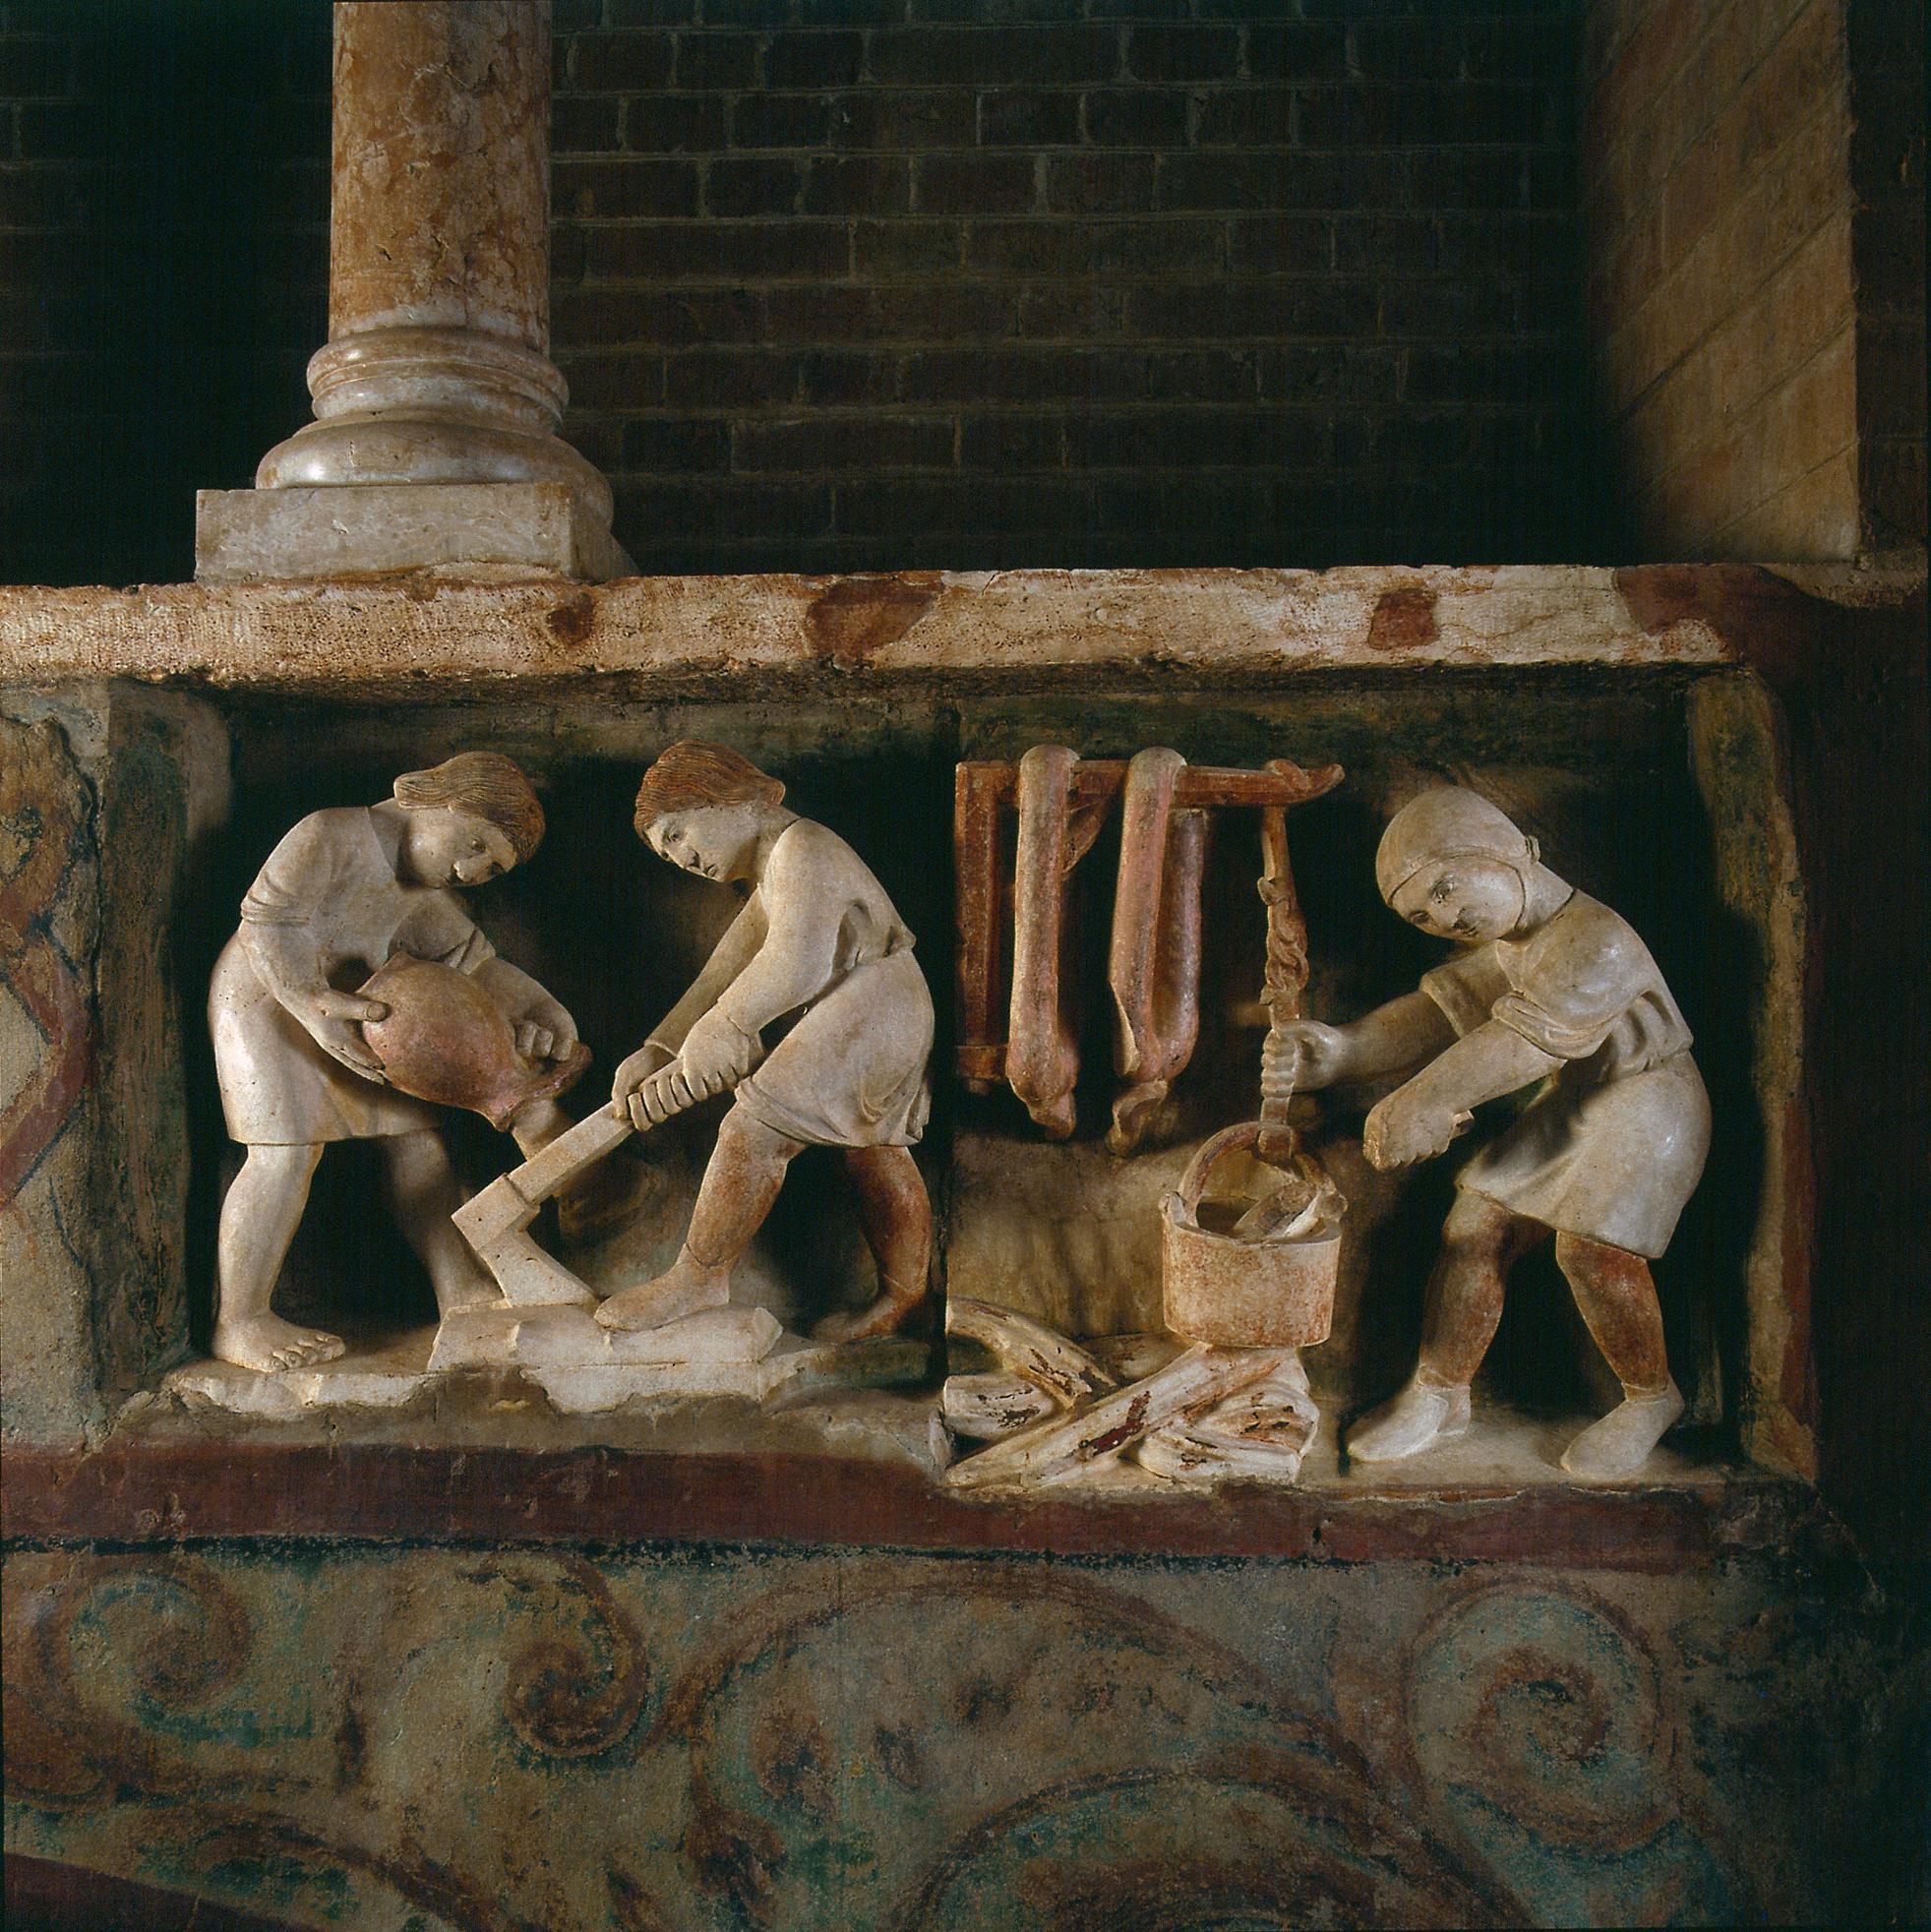 Rappresentazione di Antelami del segno dell'aquario nel Battistero di Parma.